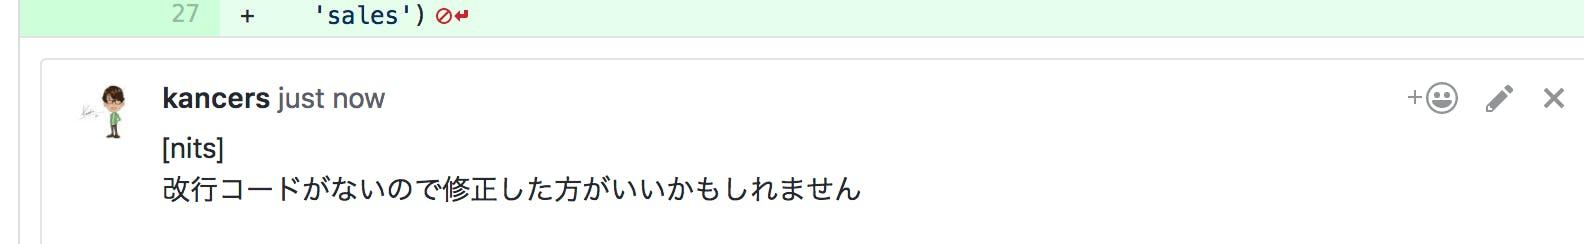 スクリーンショット 2018-04-06 0.18.02.png